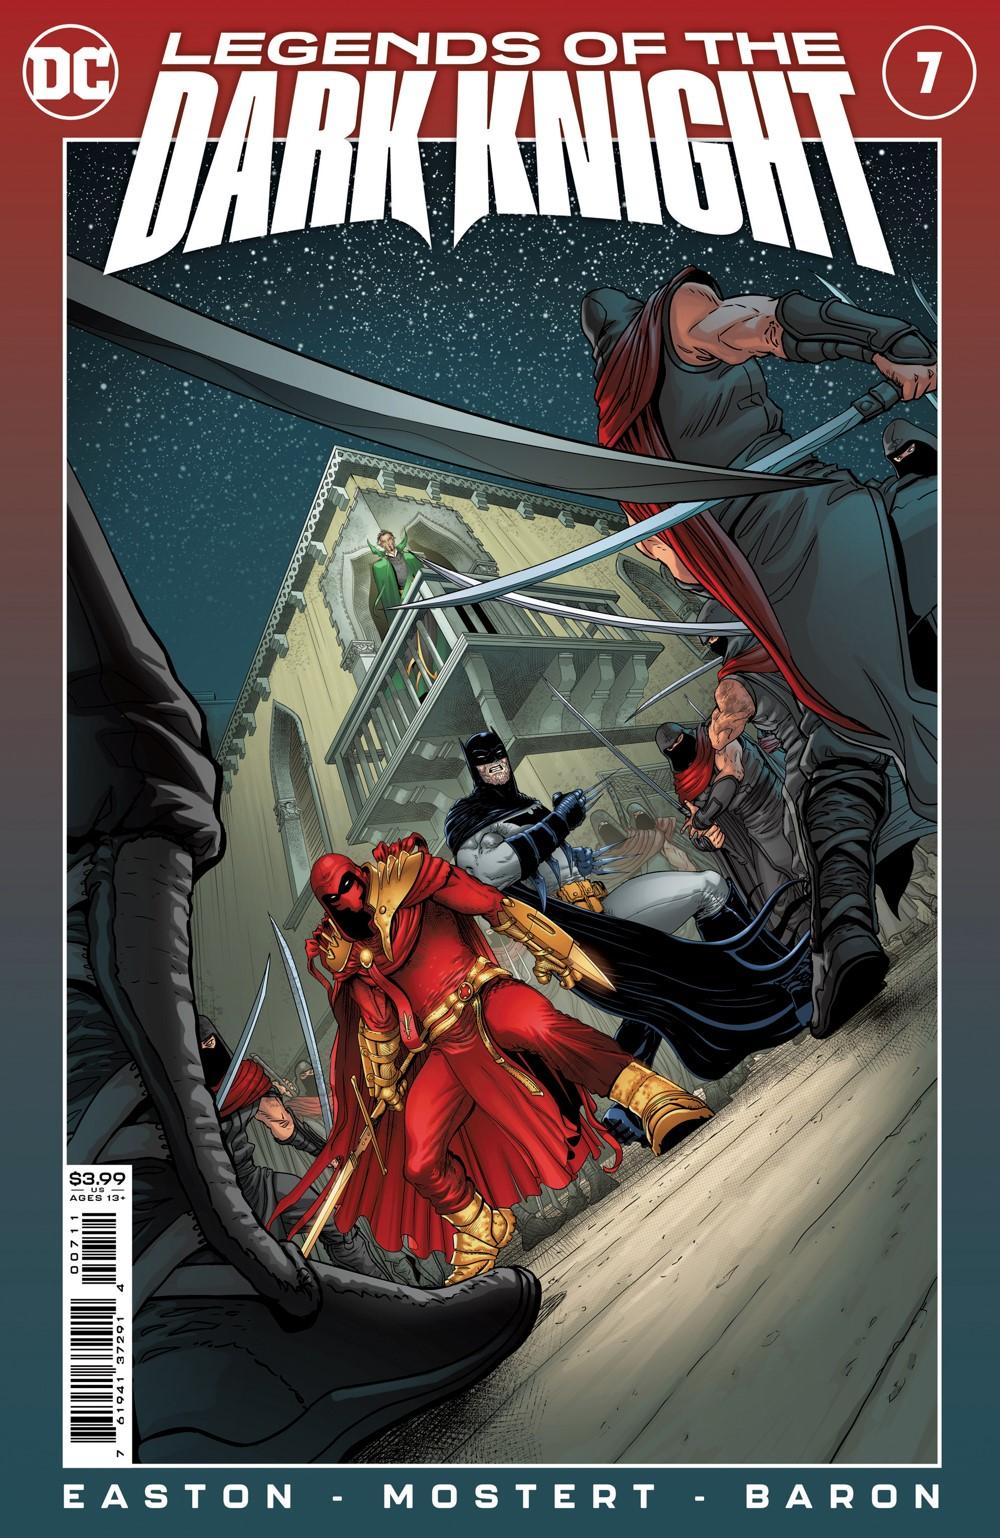 LOTDK_Cv7 DC Comics November 2021 Solicitations